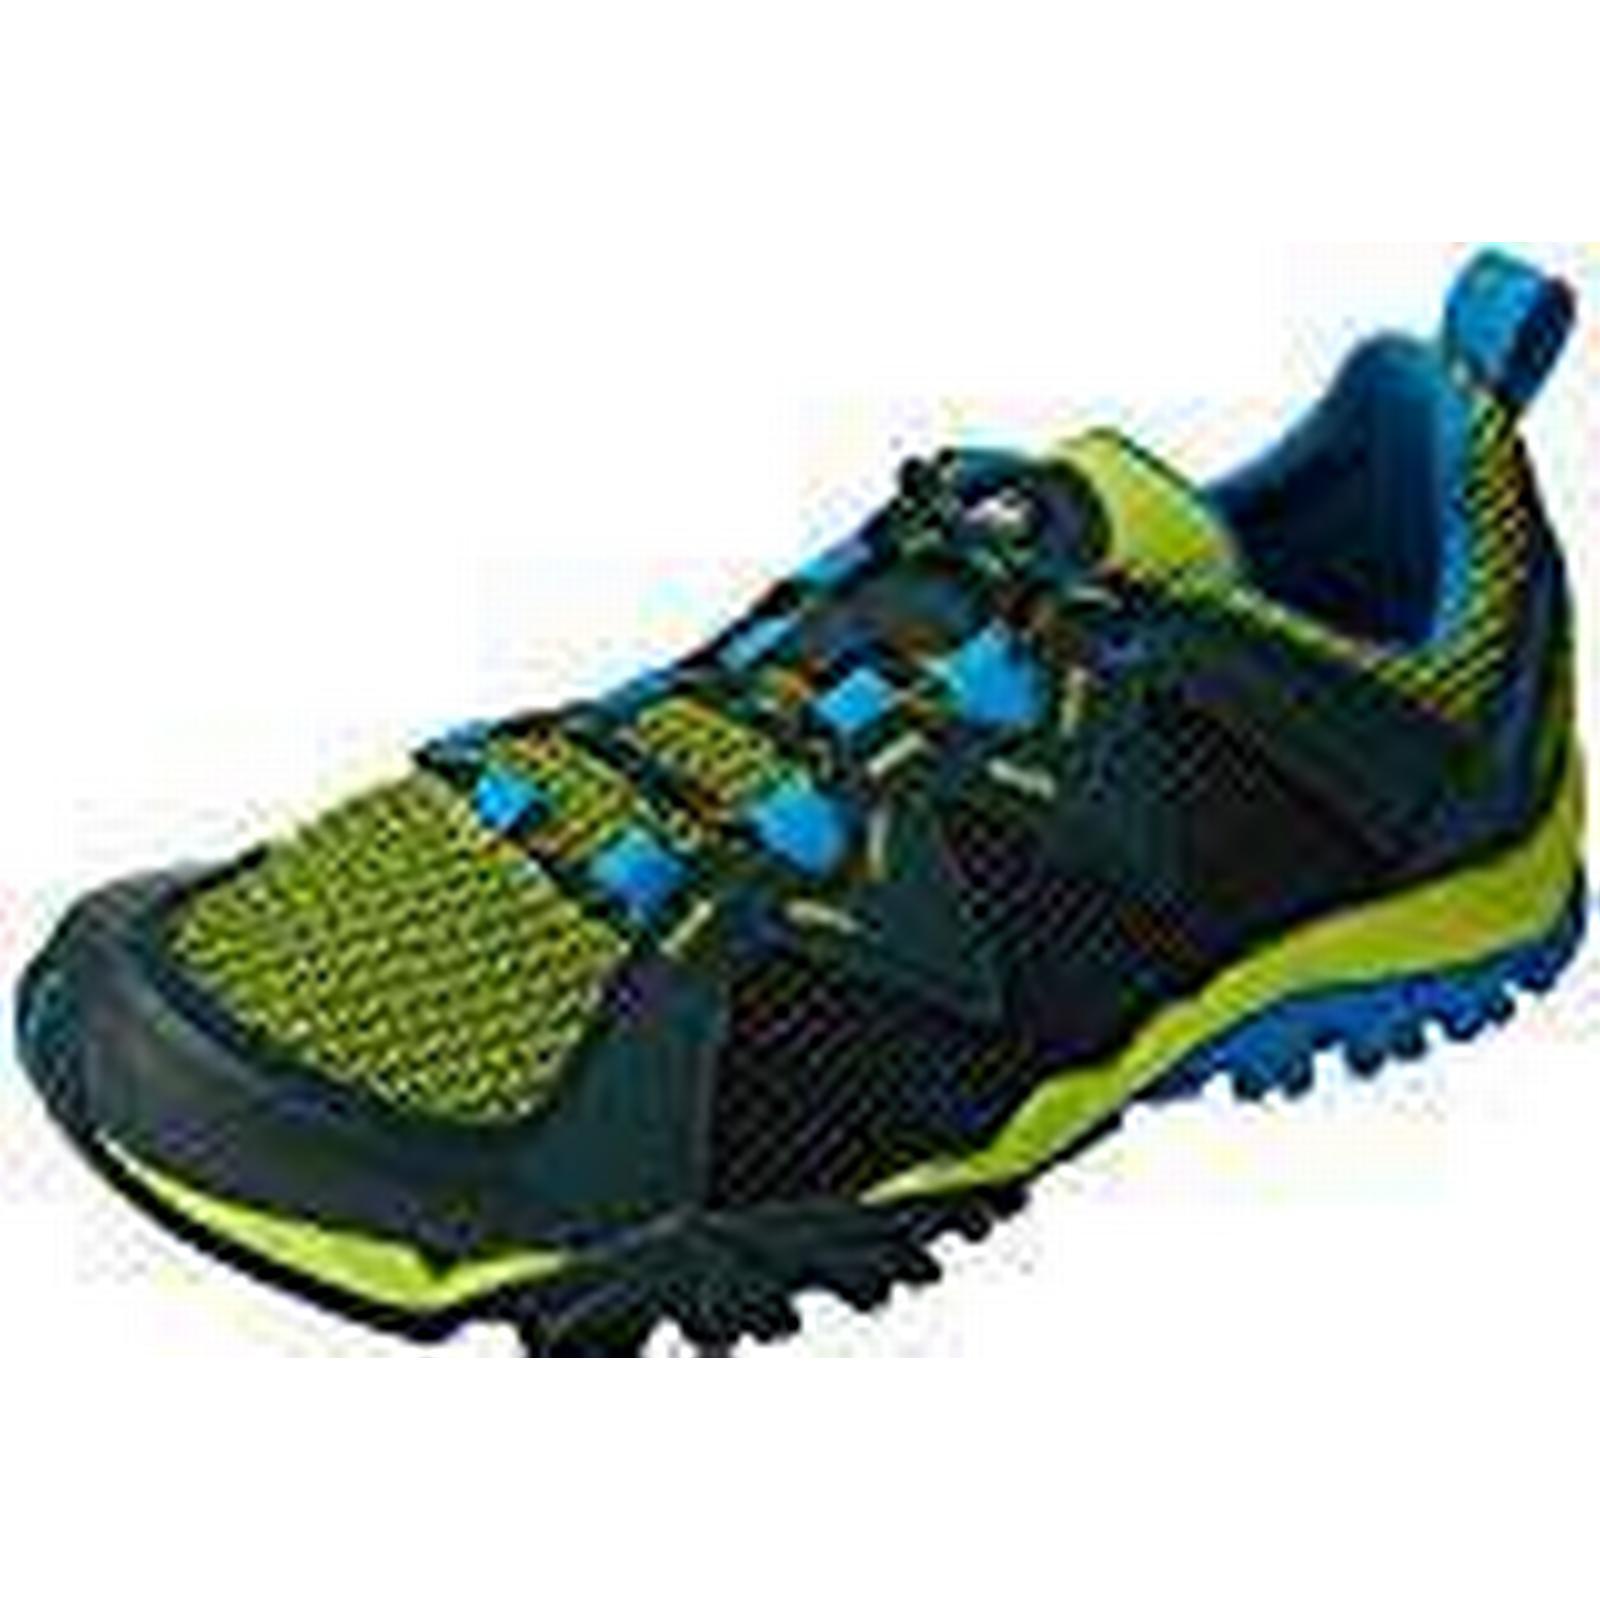 Merrell Men's TETREX Rapid Crest 10.5 Water Shoes, Green (Lime), 10.5 Crest UK 45.5 EU 794792